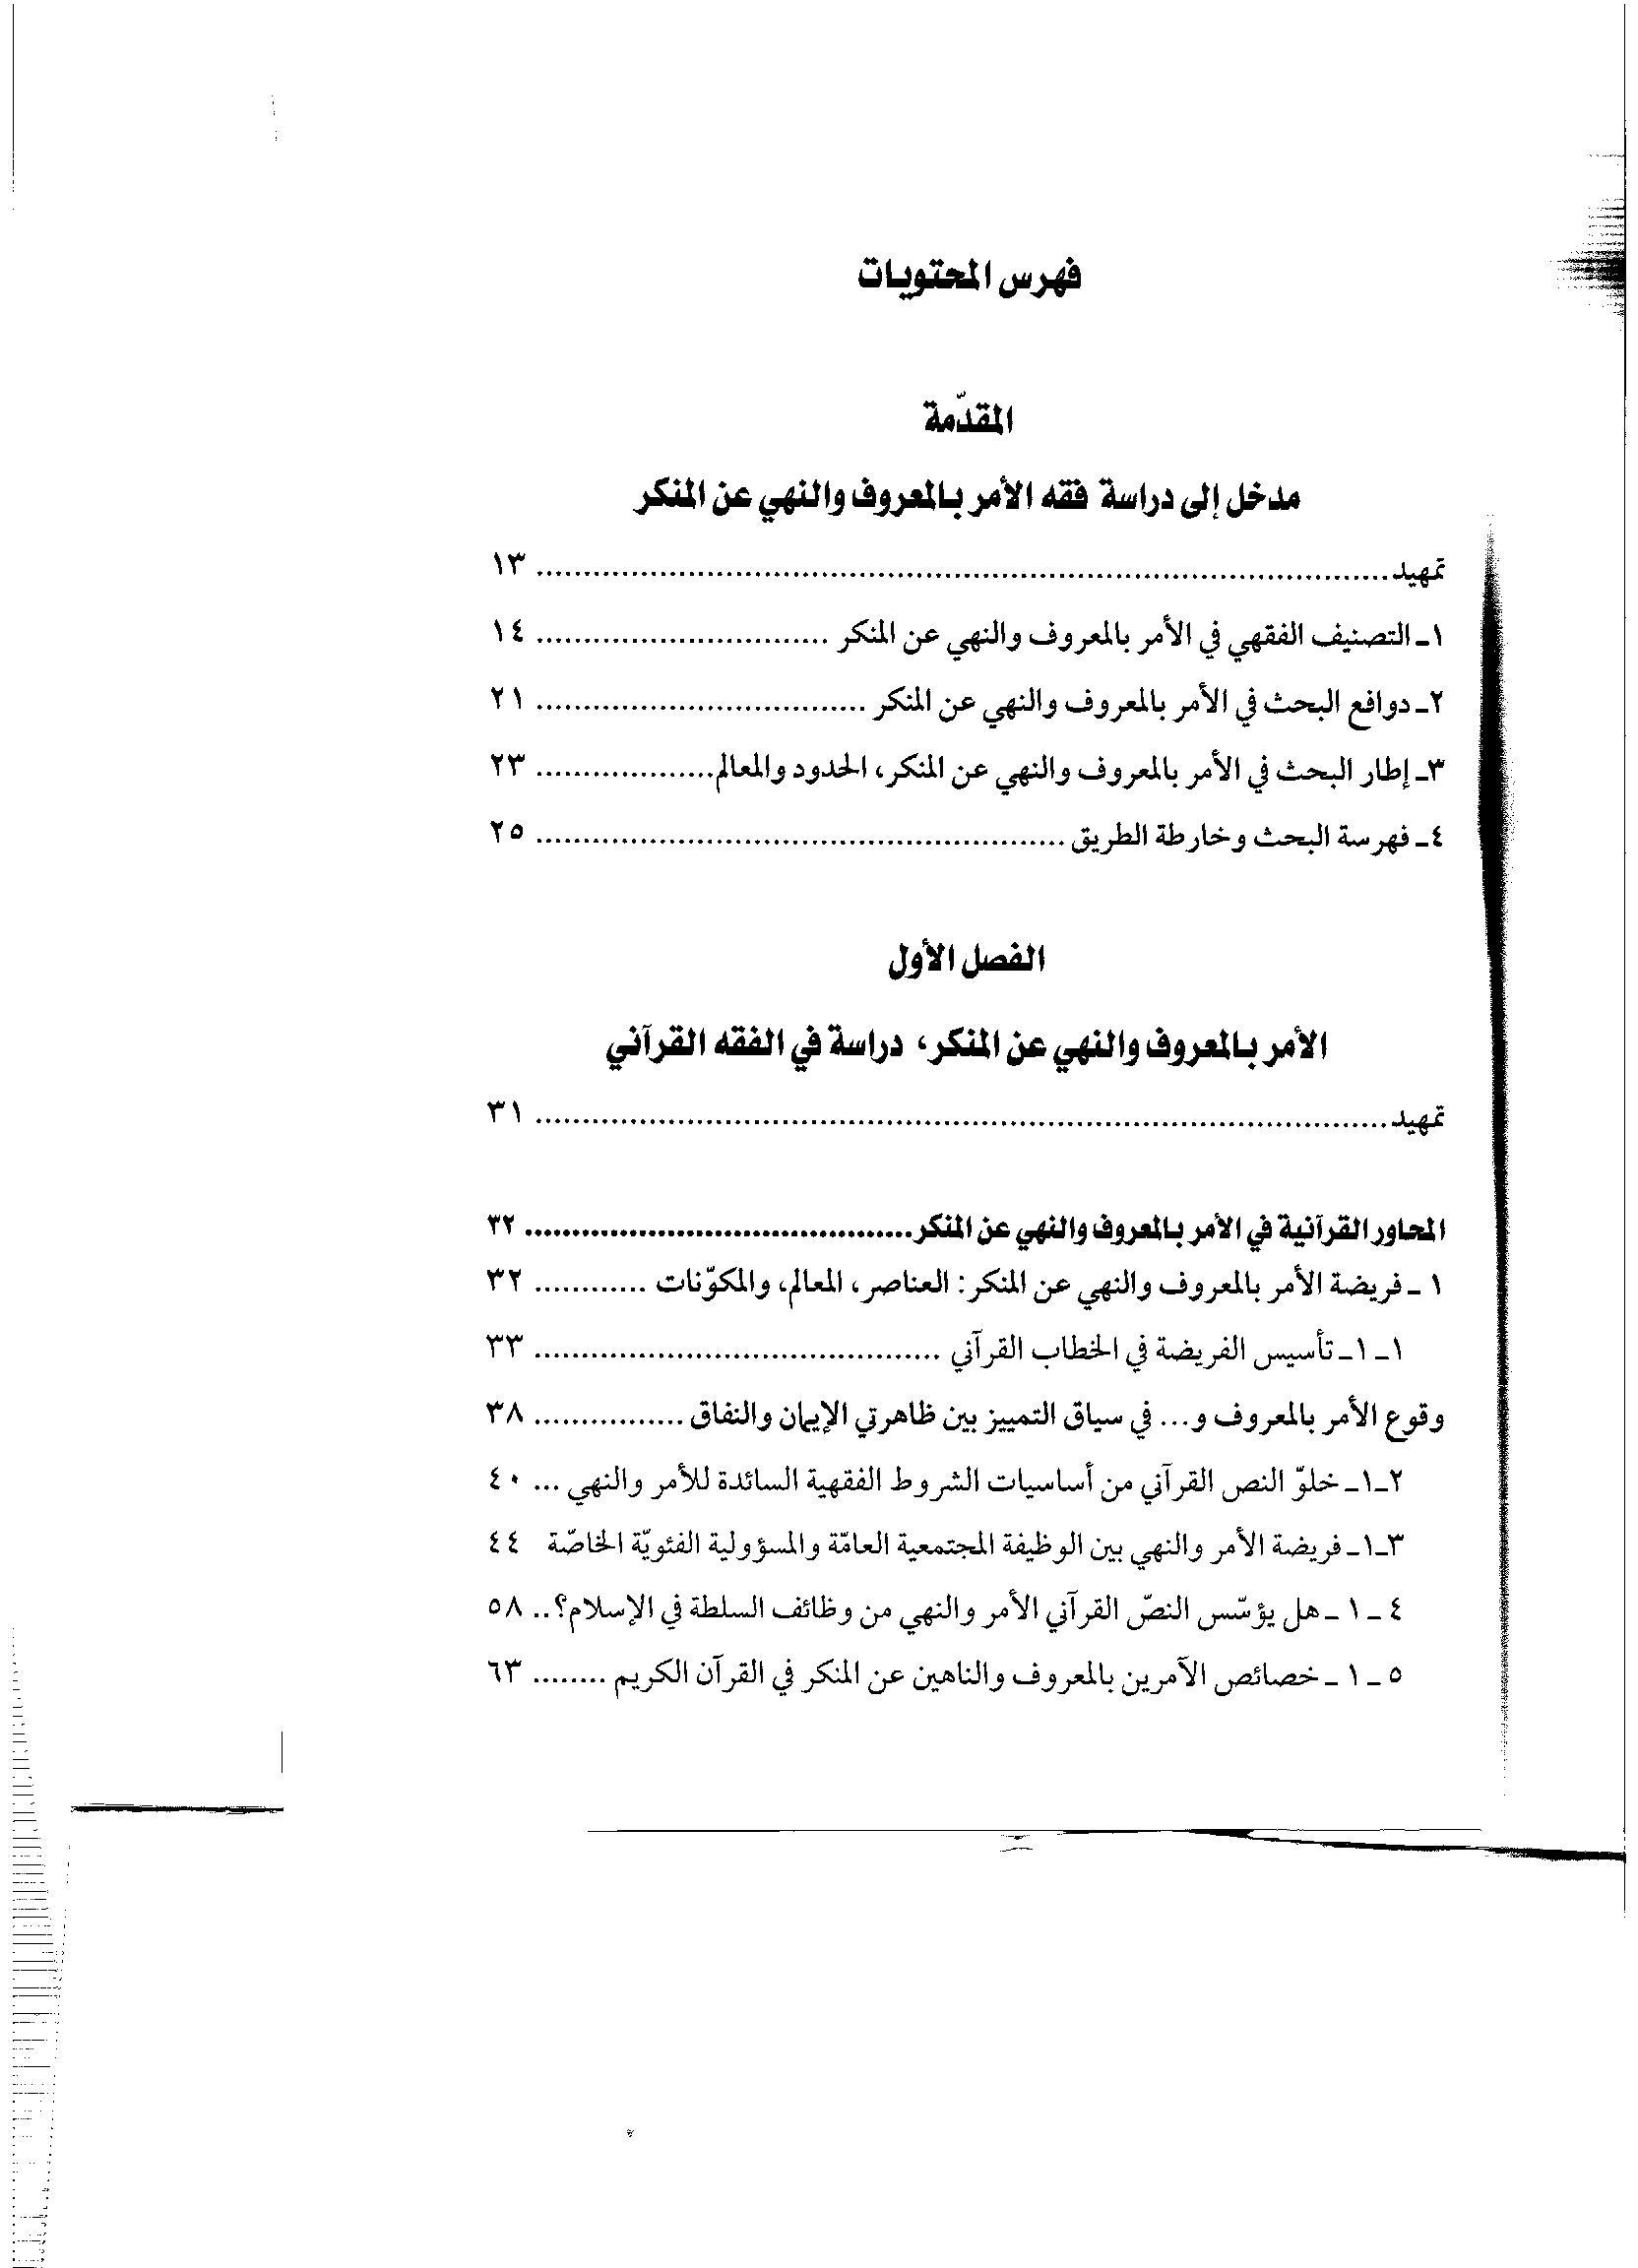 ص641 محتويات كتاب فقه الأمر بالمعروف والنهي عن المنكر